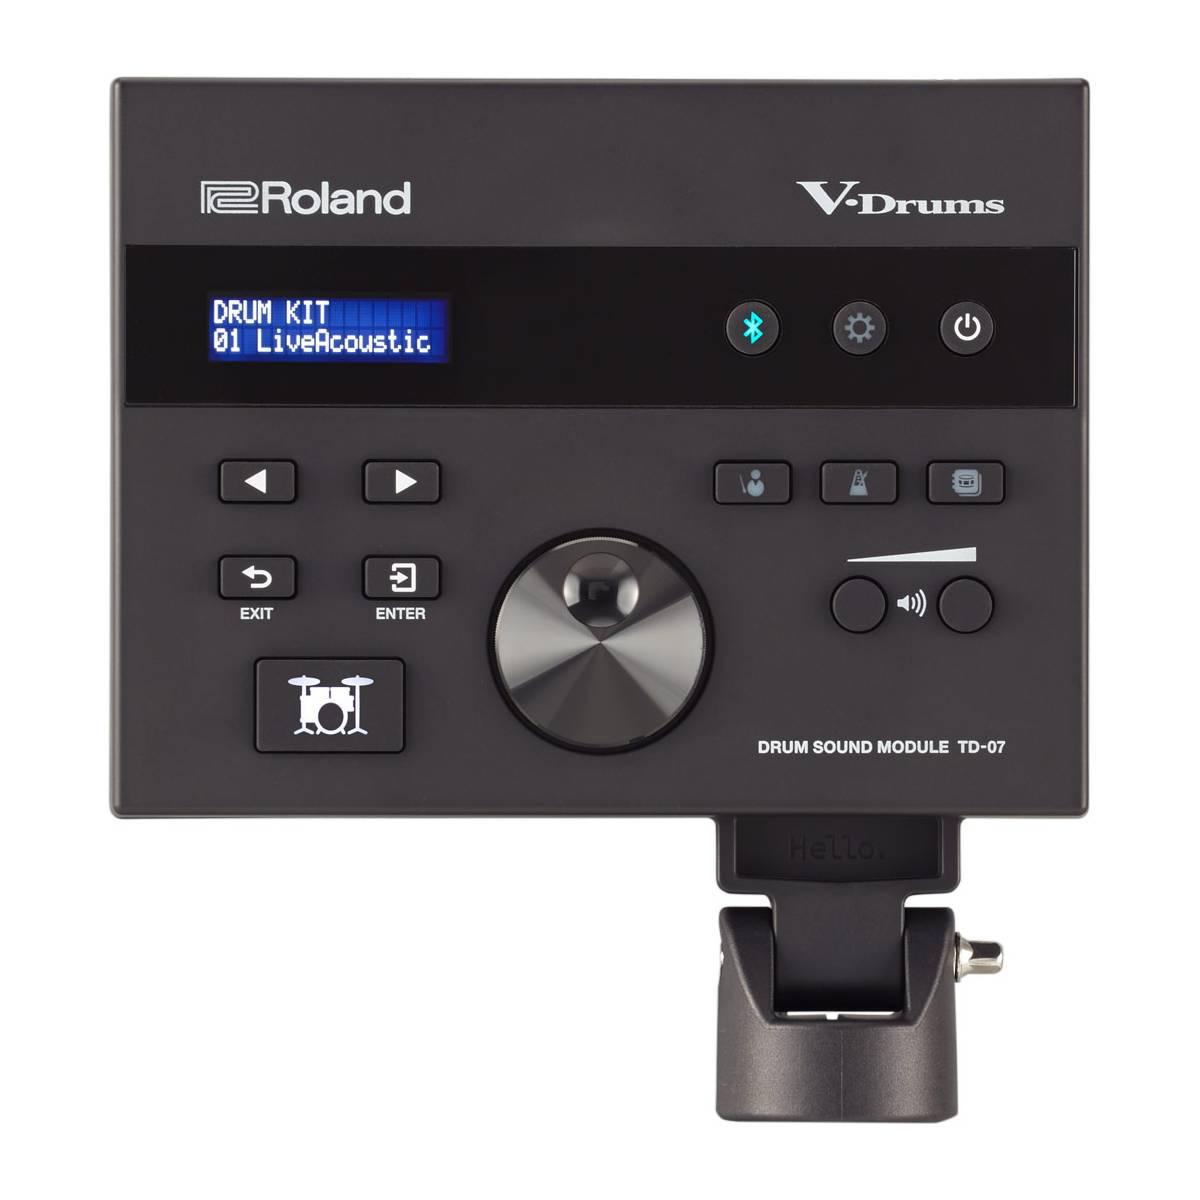 bateria-td-07-kv-roland-2--1-